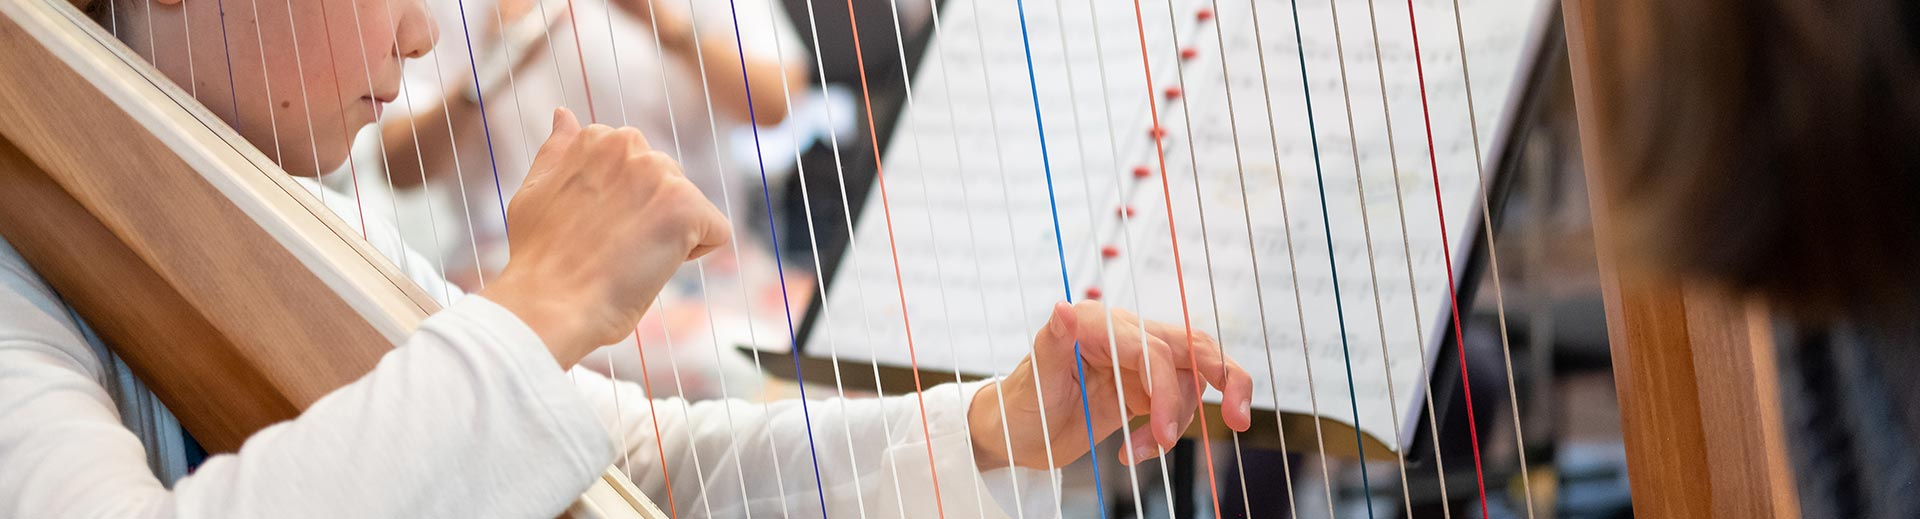 Zupfinstrumente – Musikschule Bayreuth